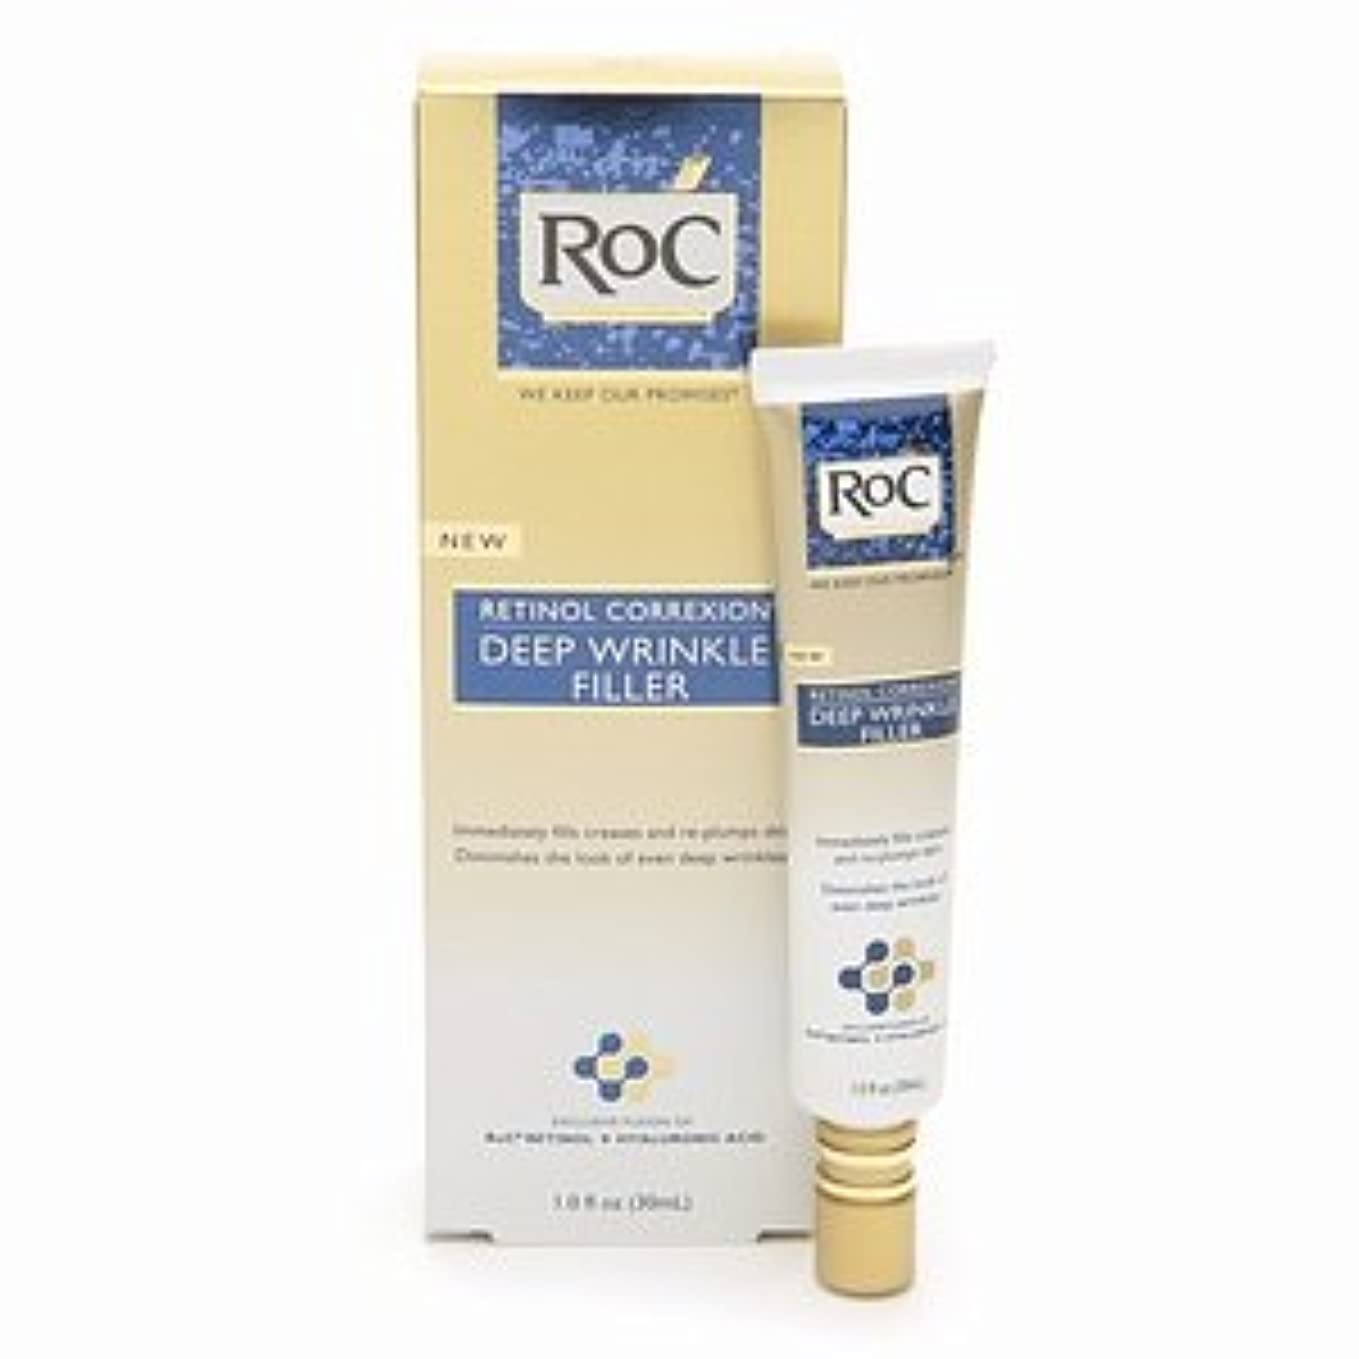 公平ロッド累積RoC レチノール コレクション ディープリンクル フィラー RoC Retinol Correxion Deep Wrinkle Filler